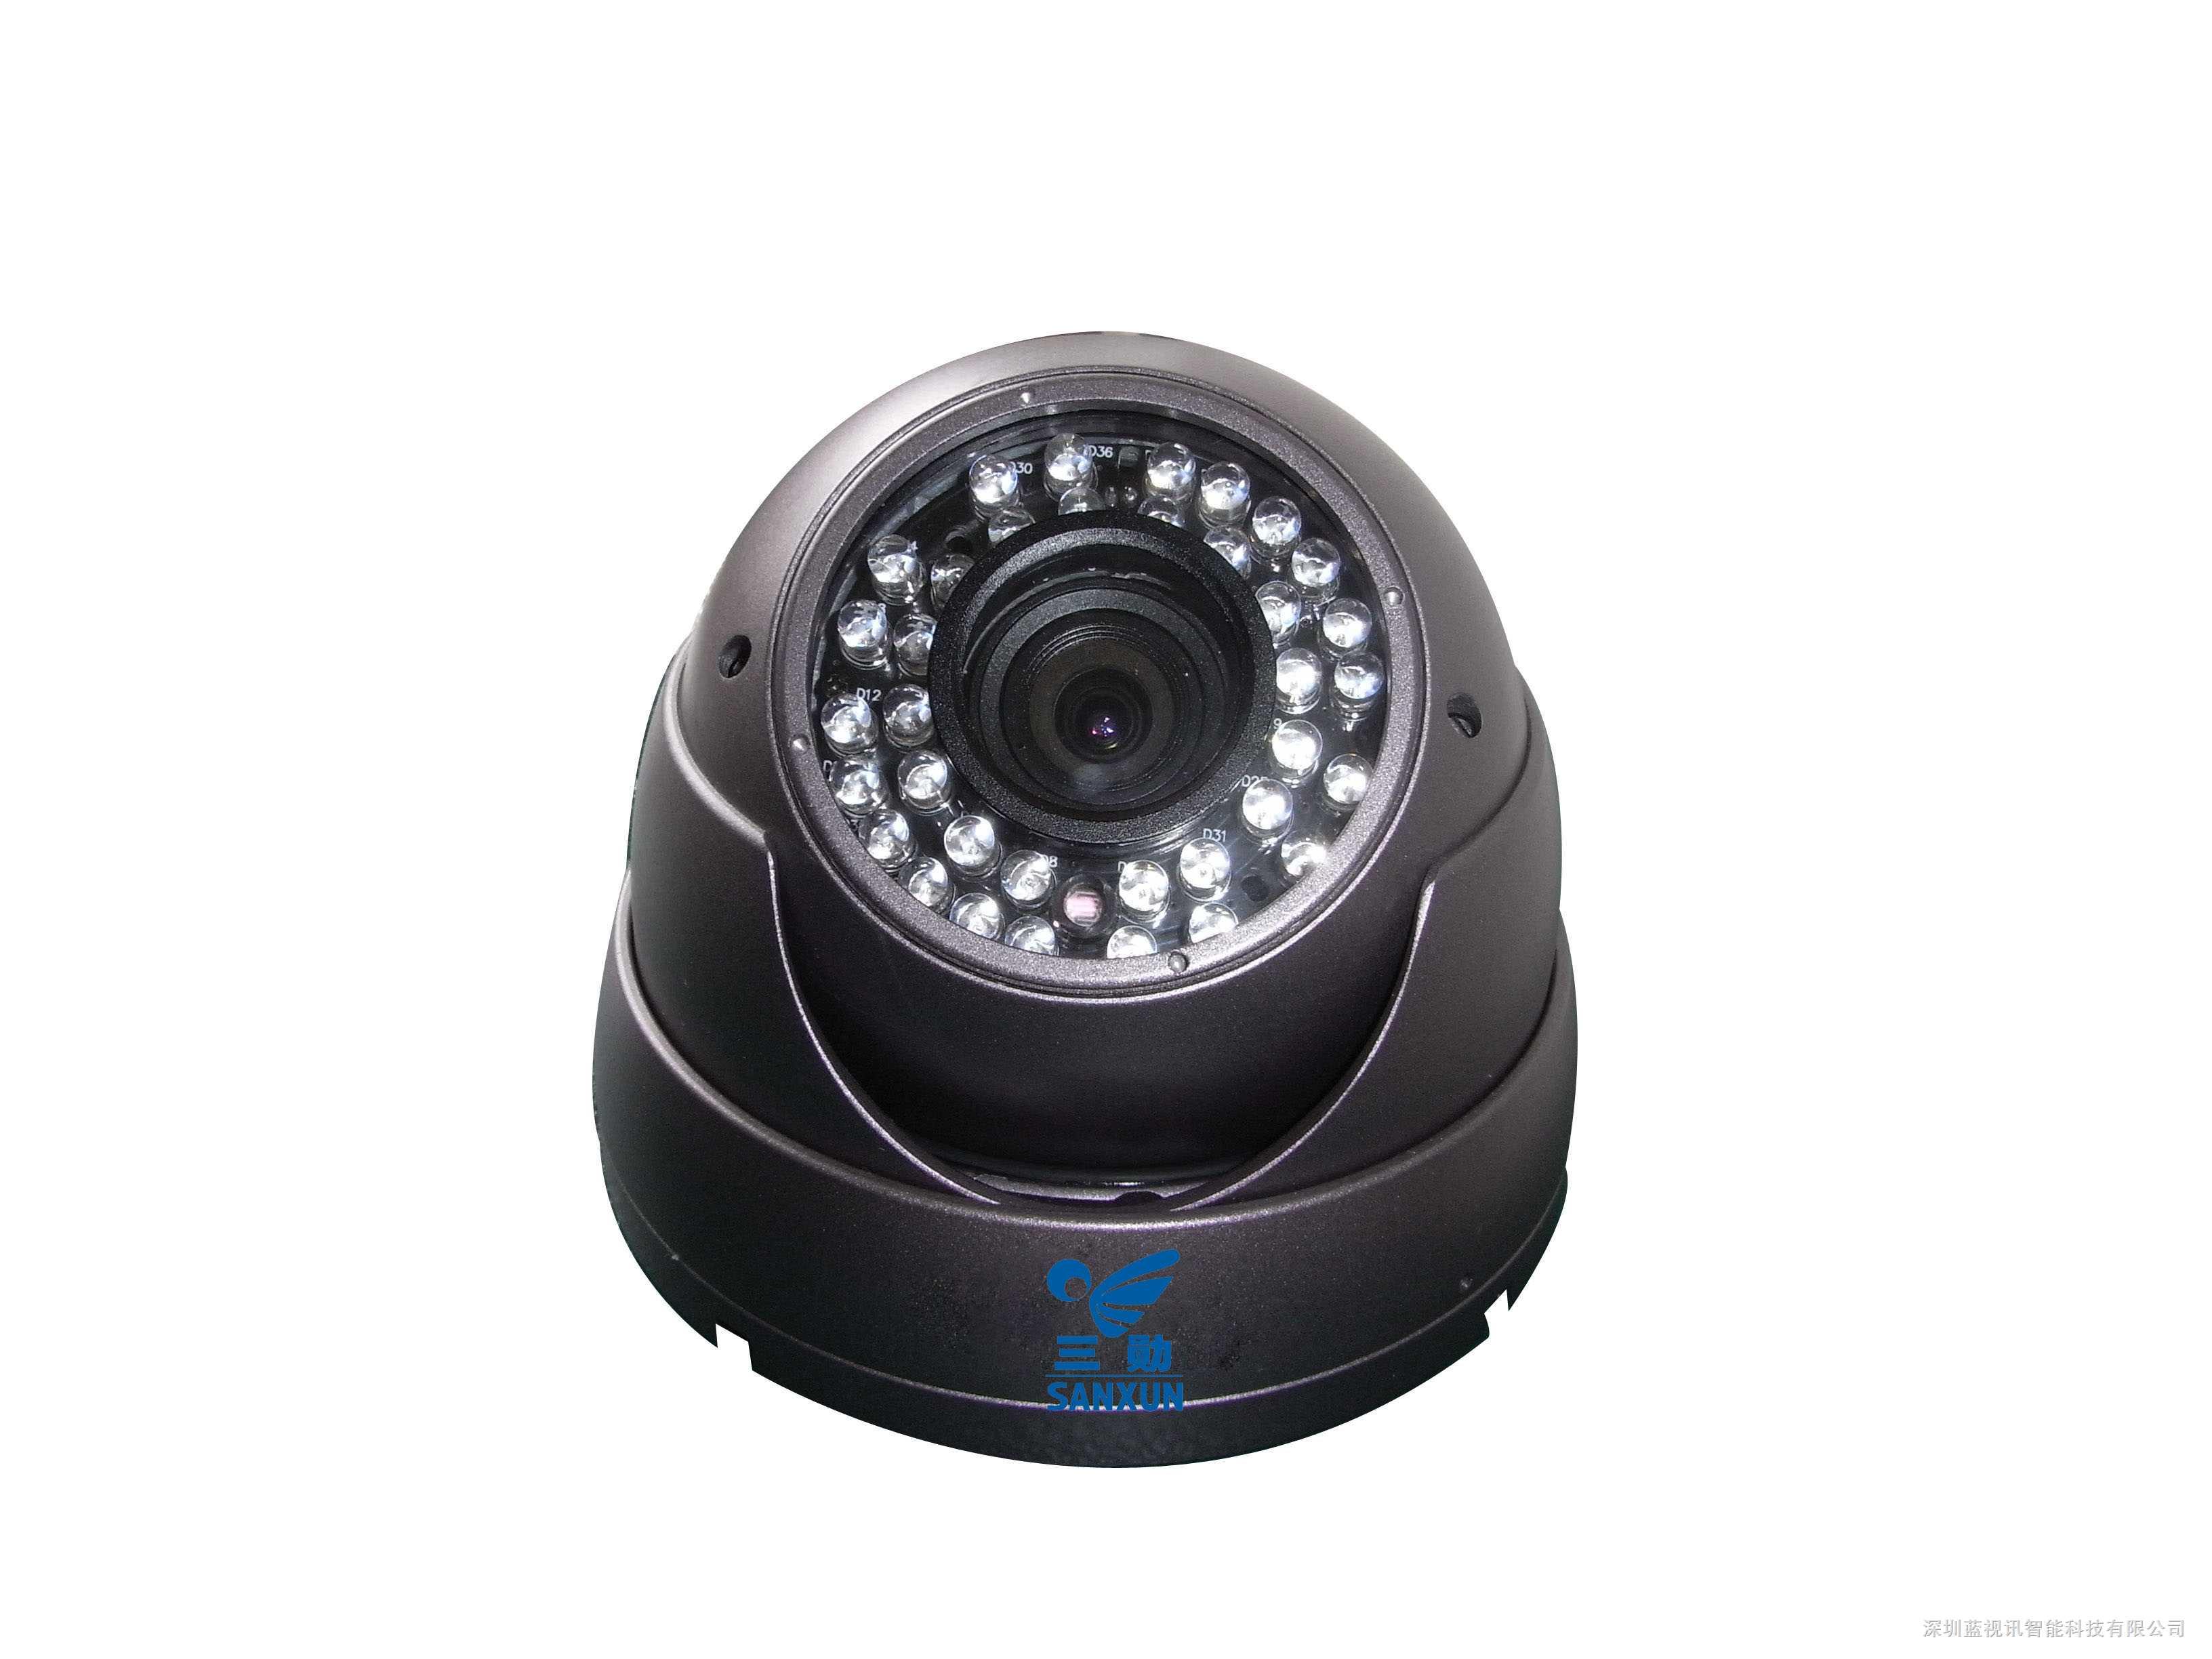 红外超宽动态防暴大海螺彩色摄像机